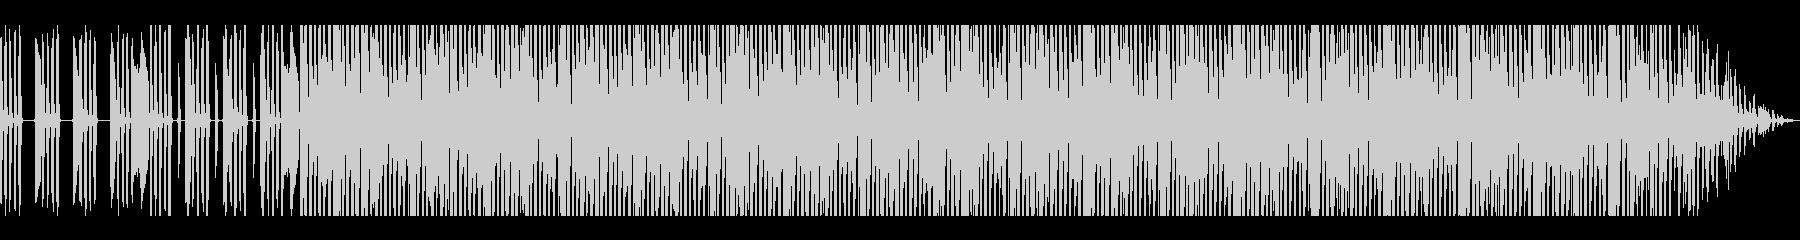 オシャレな夜のドライブ風シティポップの未再生の波形